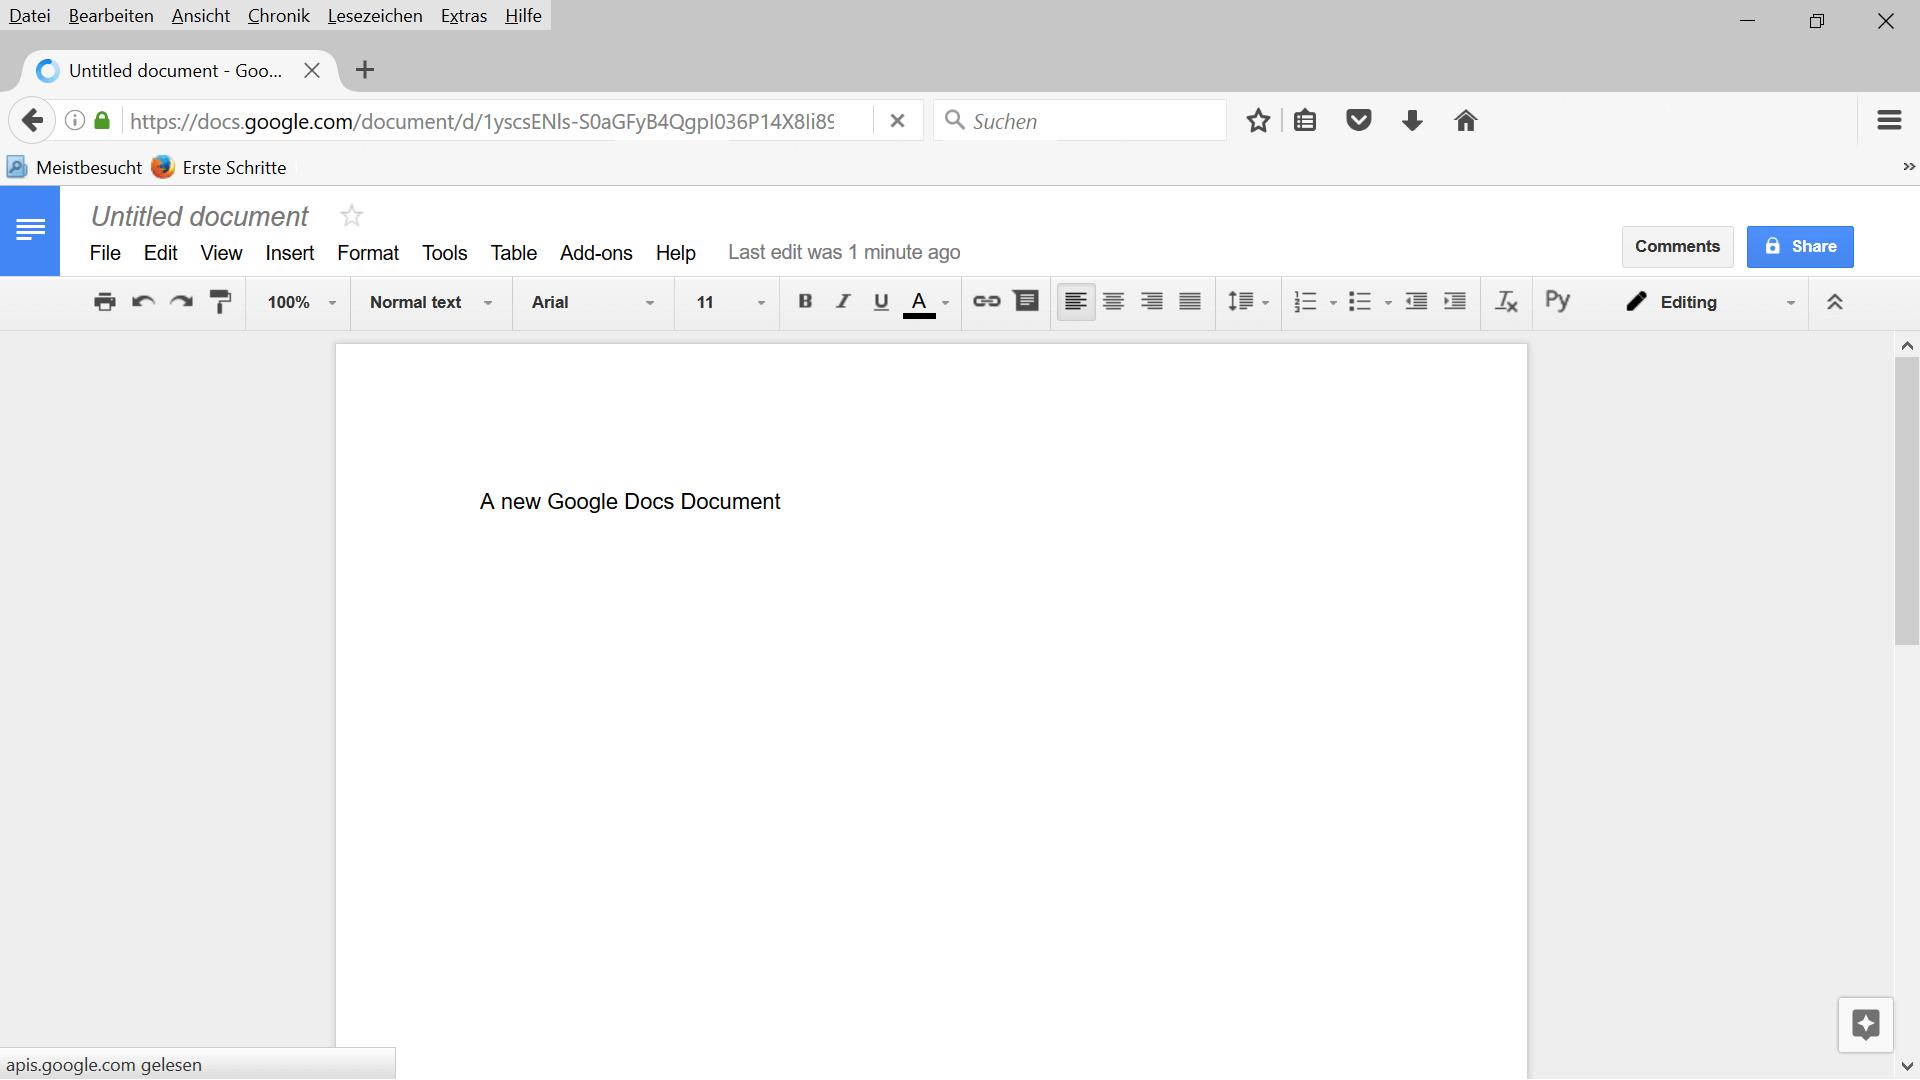 Kostenlose Alternativen zu Microsoft Word - 1&1